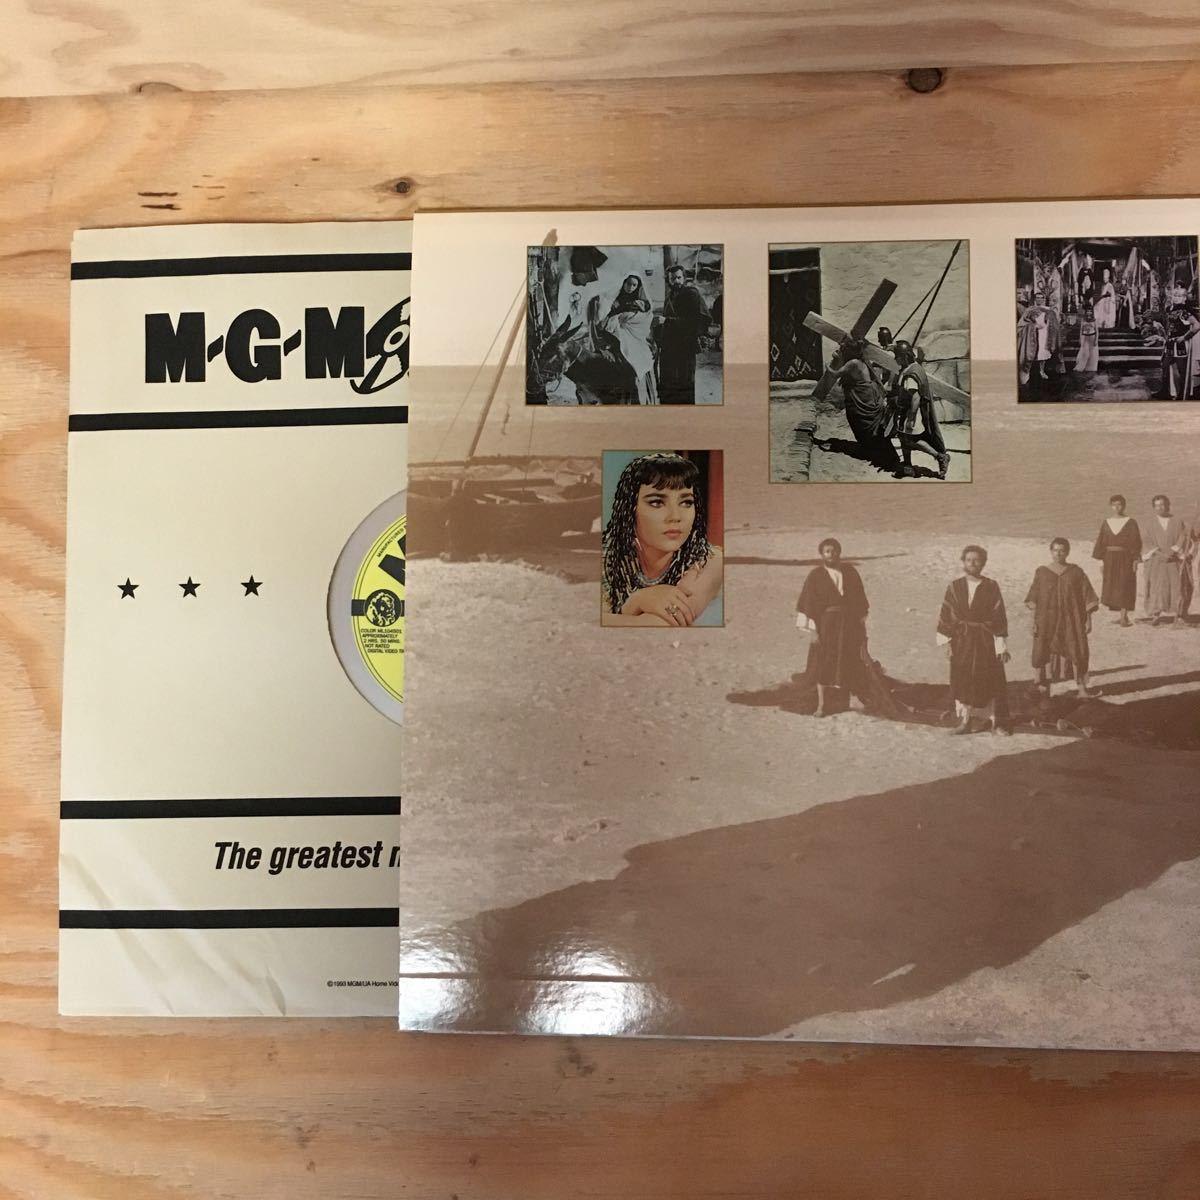 ◎Y3FJJD-200306 レア[KING OF KINGS 輸入盤]LD レーザーディスク JEFFREY HUNTER NICHOLAS RAY_画像5